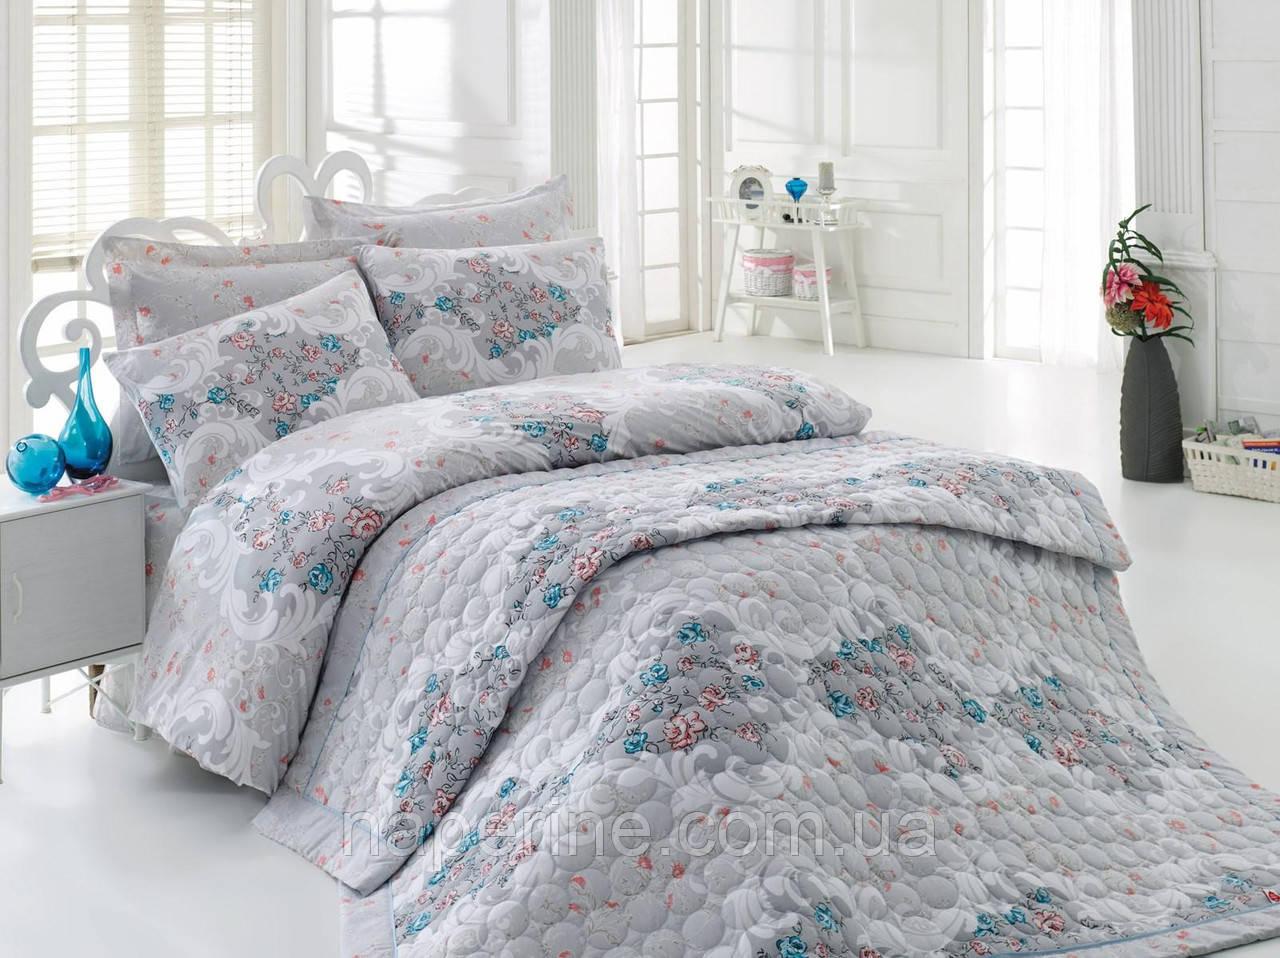 Постельное бельё евро со стёганым летним одеялом Cotton box Marlin